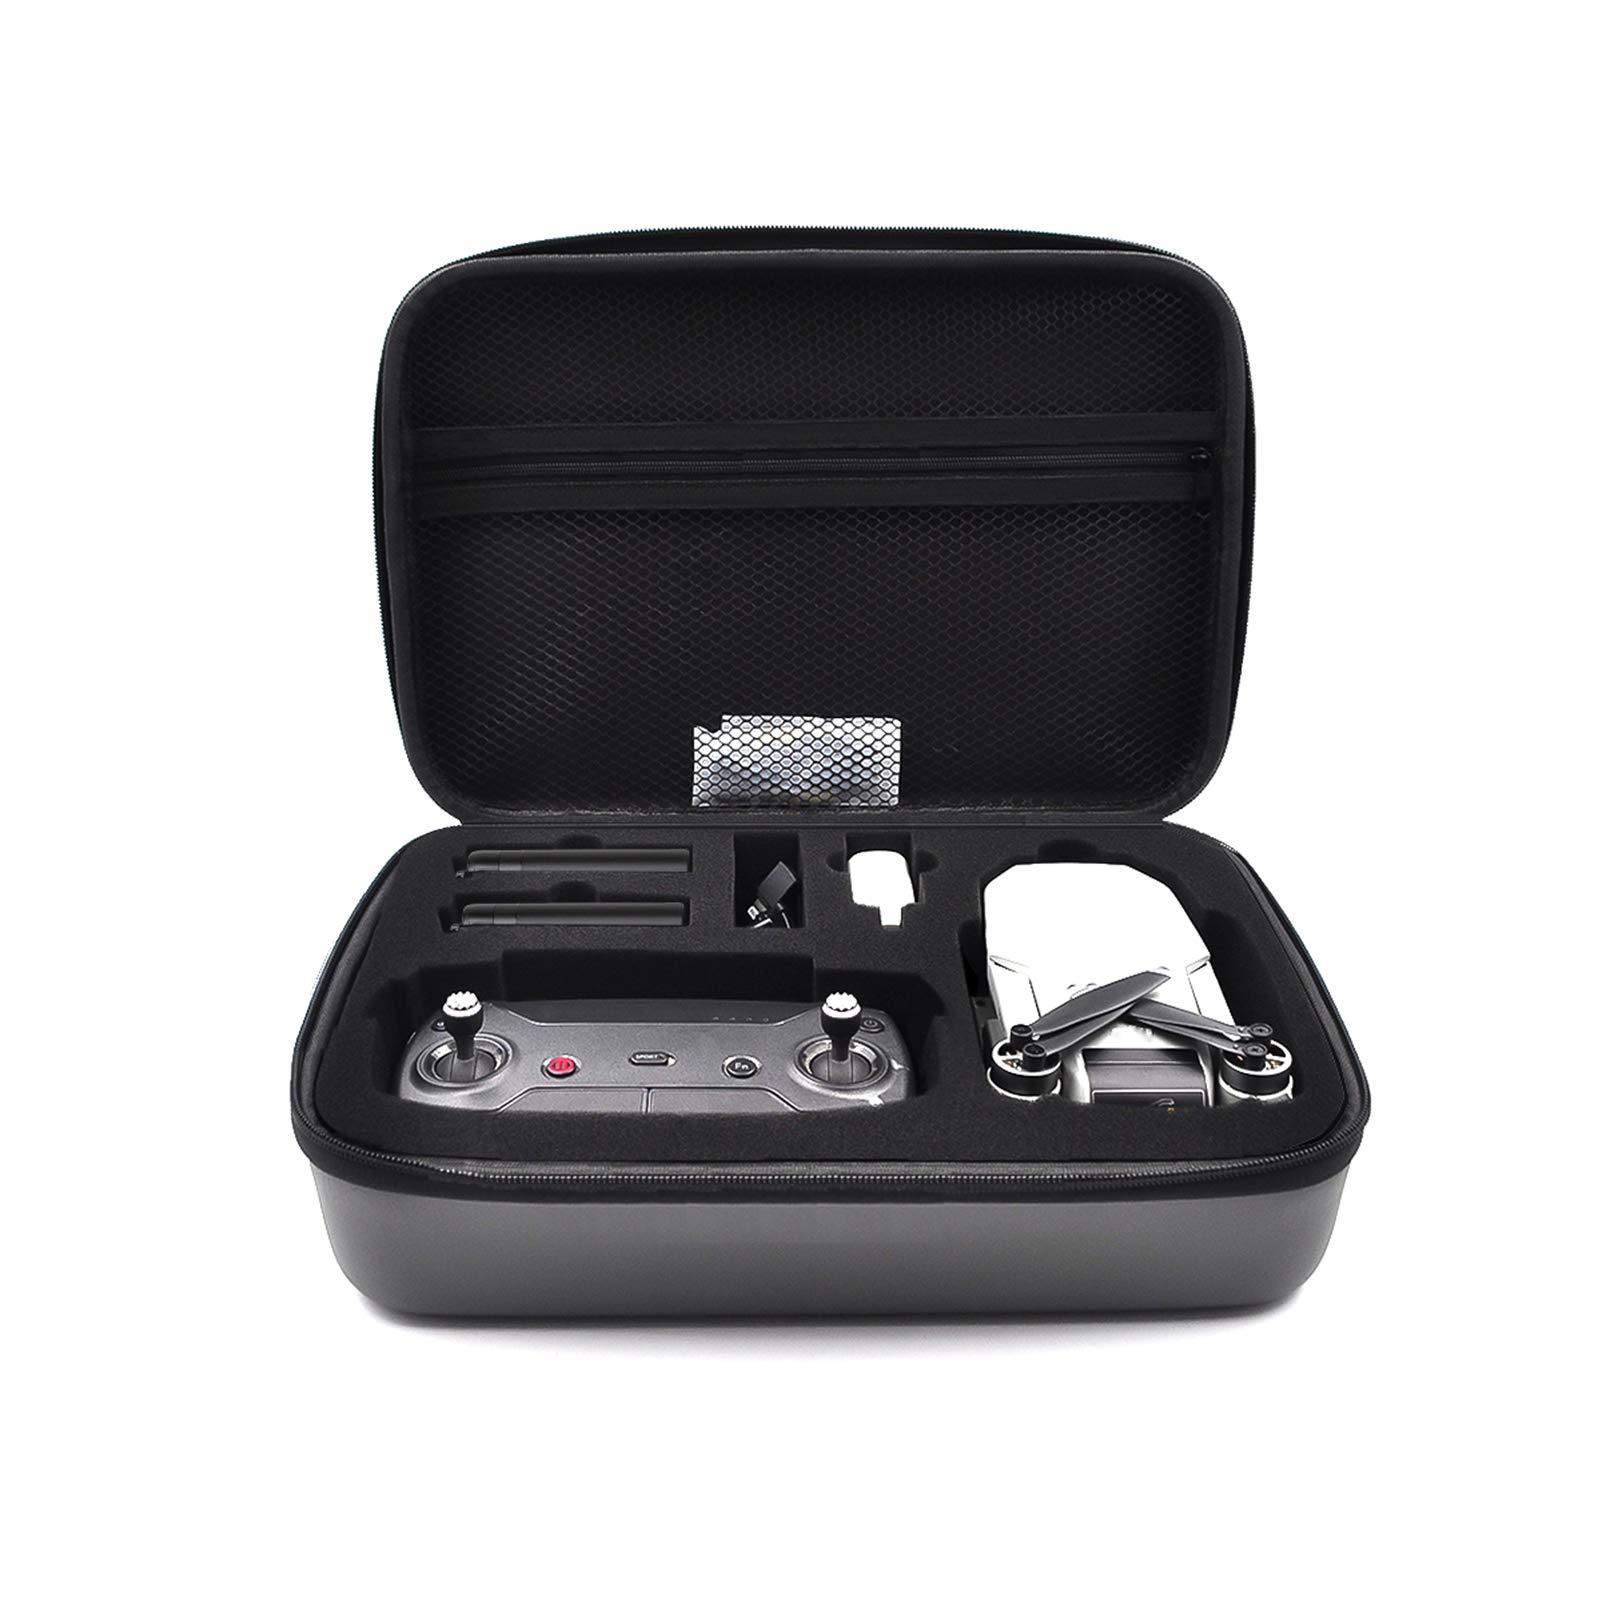 tomat-mavic-mini-carrying-case-portable-travel-bag-for-dji-mavic-mini-drone